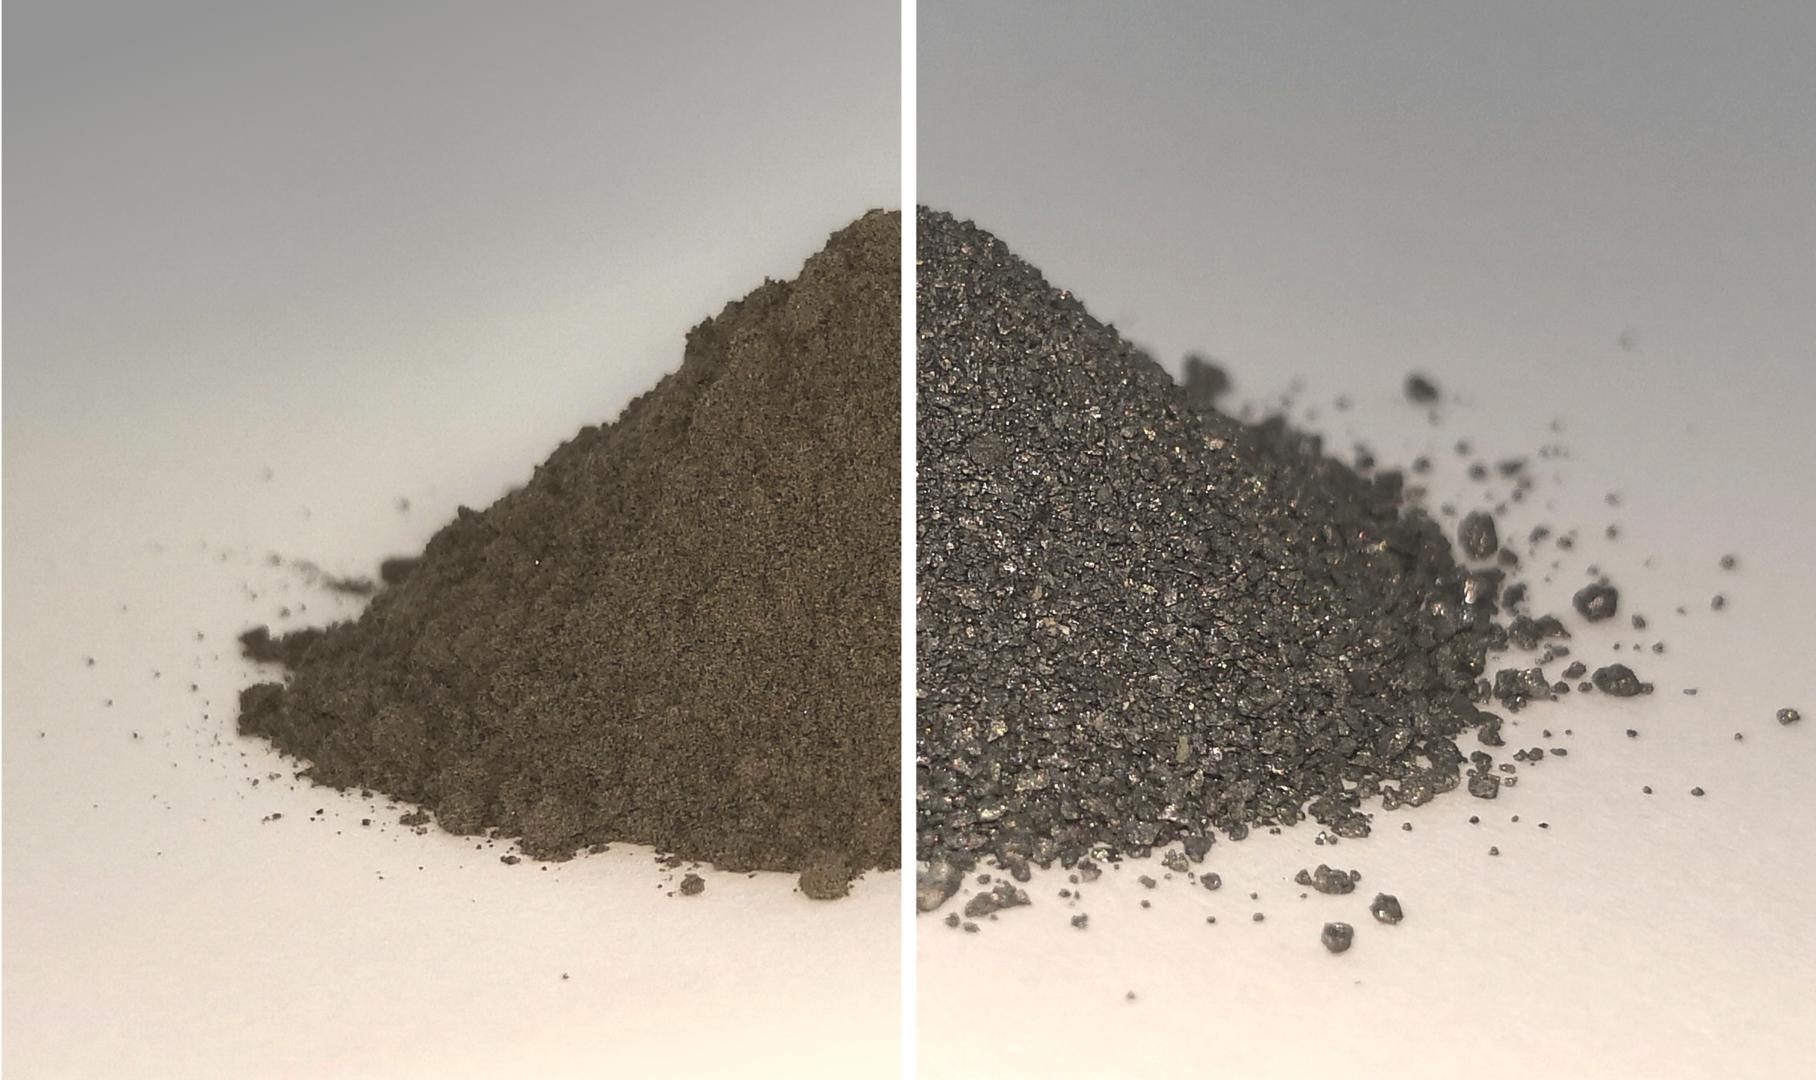 Oxígeno y metal de los pilares del regolito lunar.